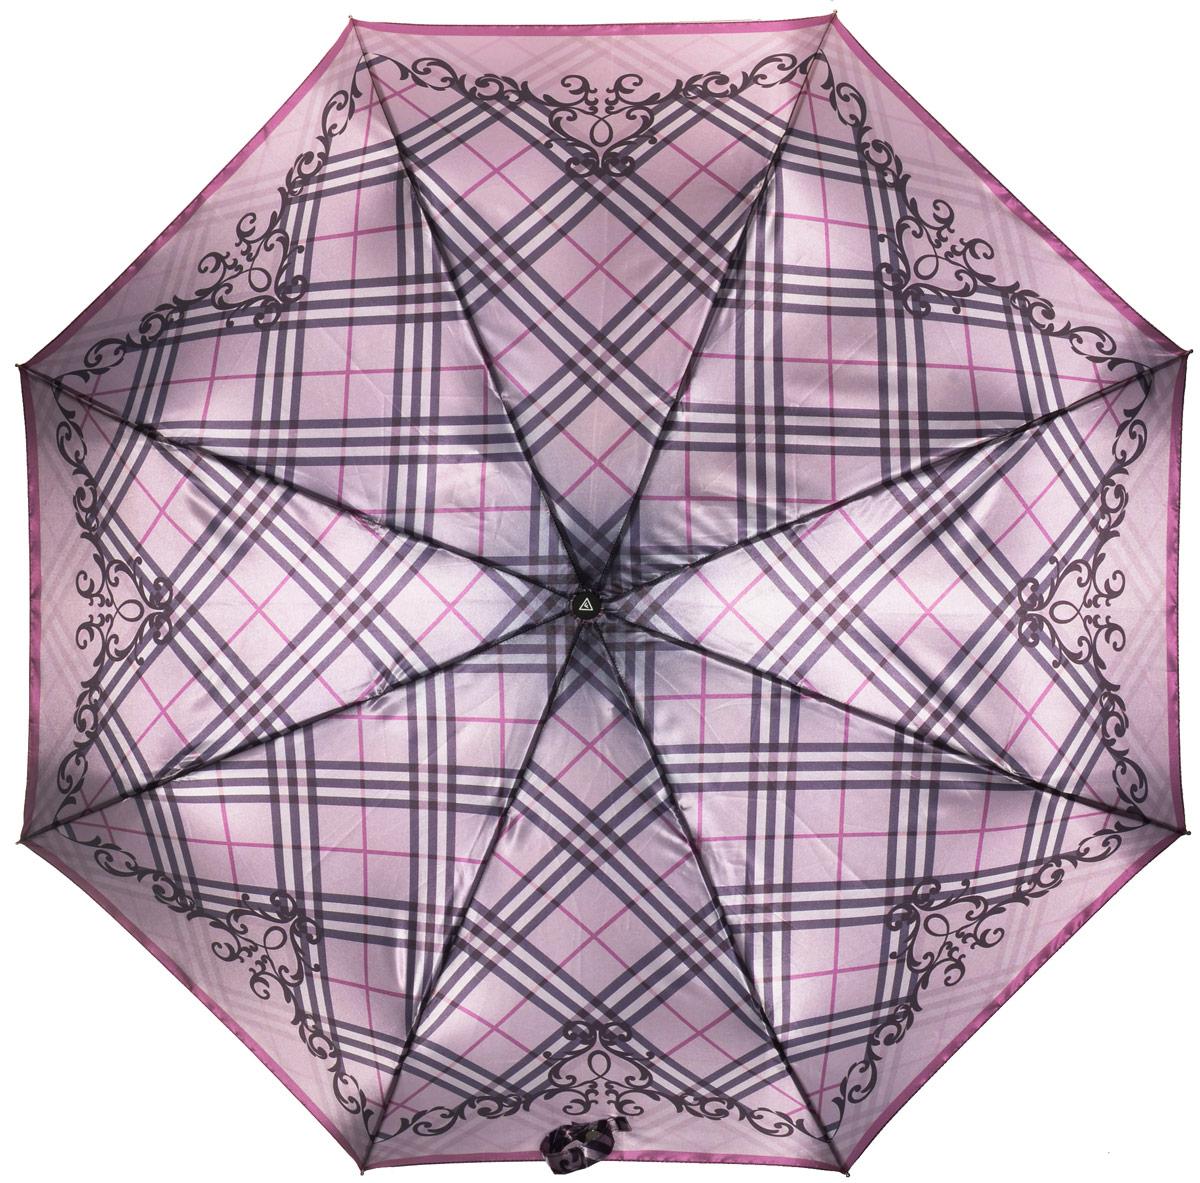 Зонт женский Fabretti, автомат, 3 сложения, цвет: клетка. L-16106-8L-16106-8Зонт женский Fabretti, облегченный суперавтомат, 3 сложения